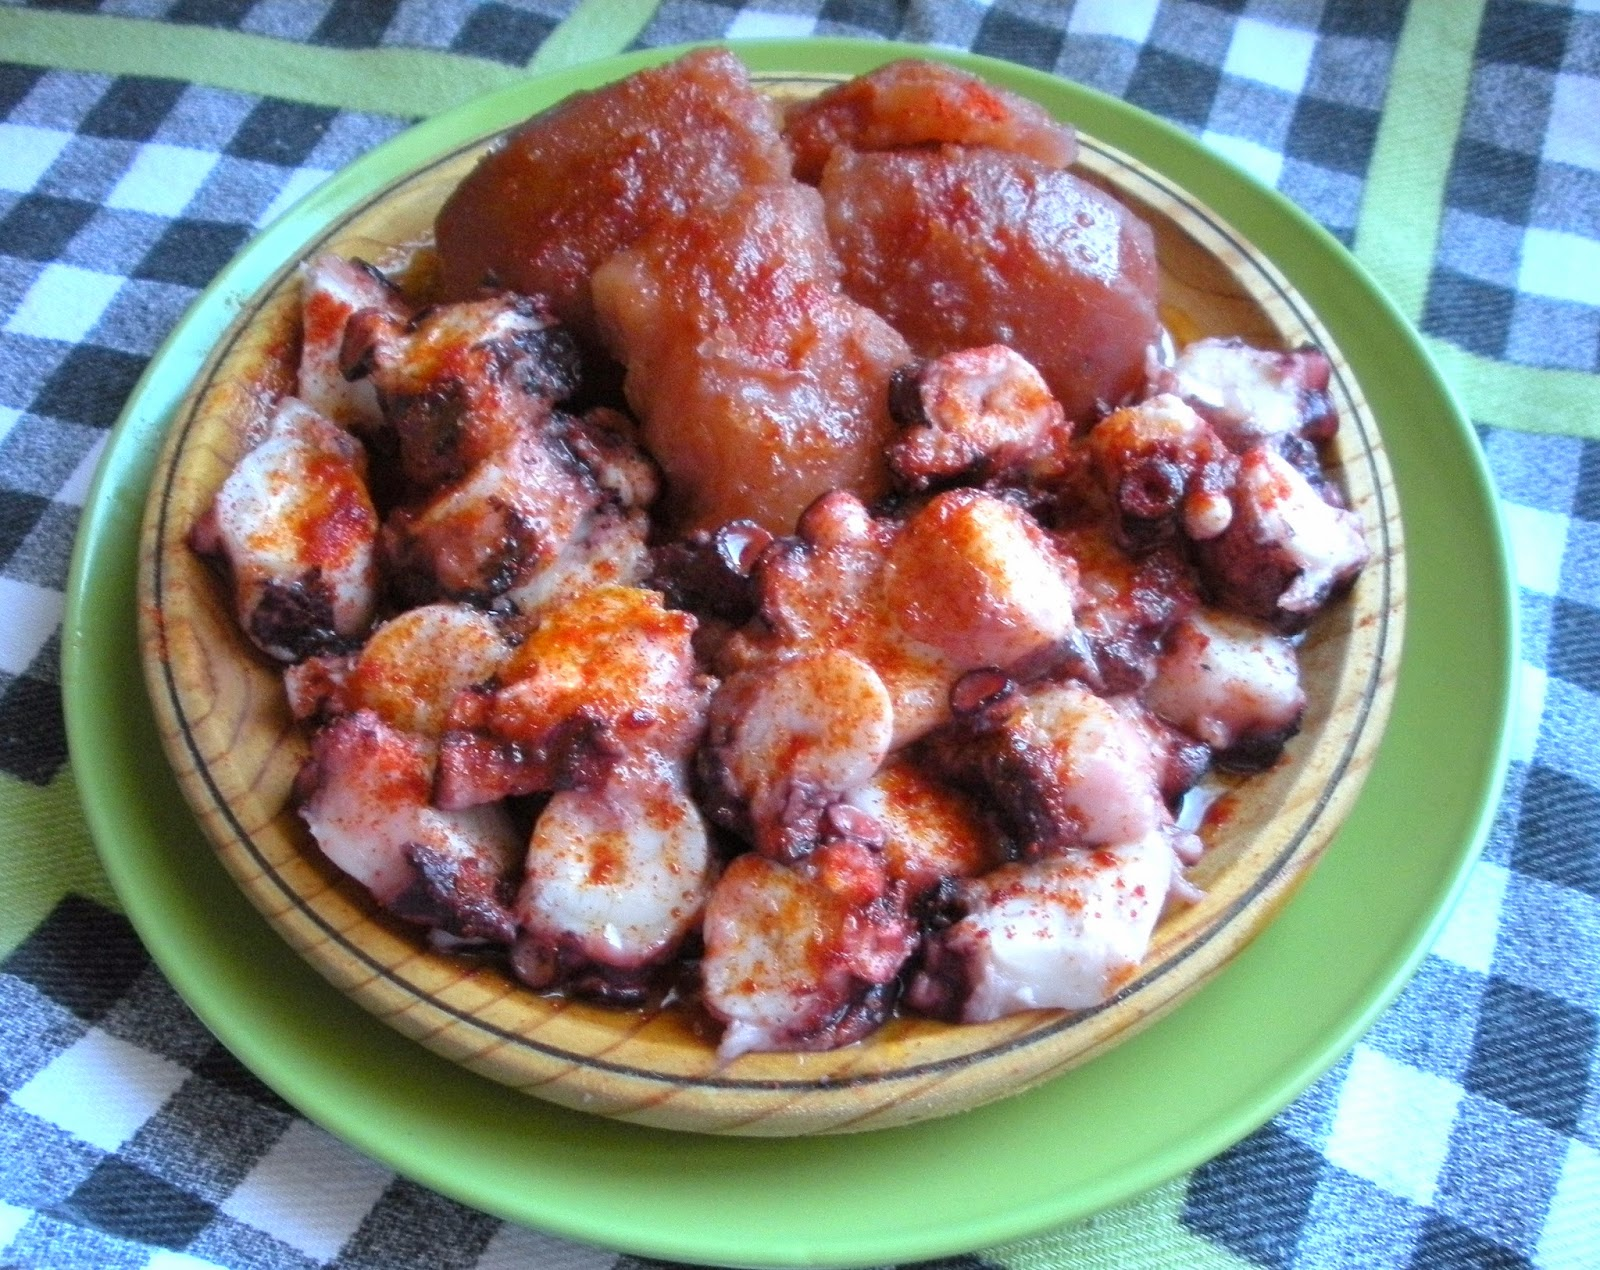 Aqu se cocina pulpo cocido en olla r pida sin agua for Pulpo en olla rapida